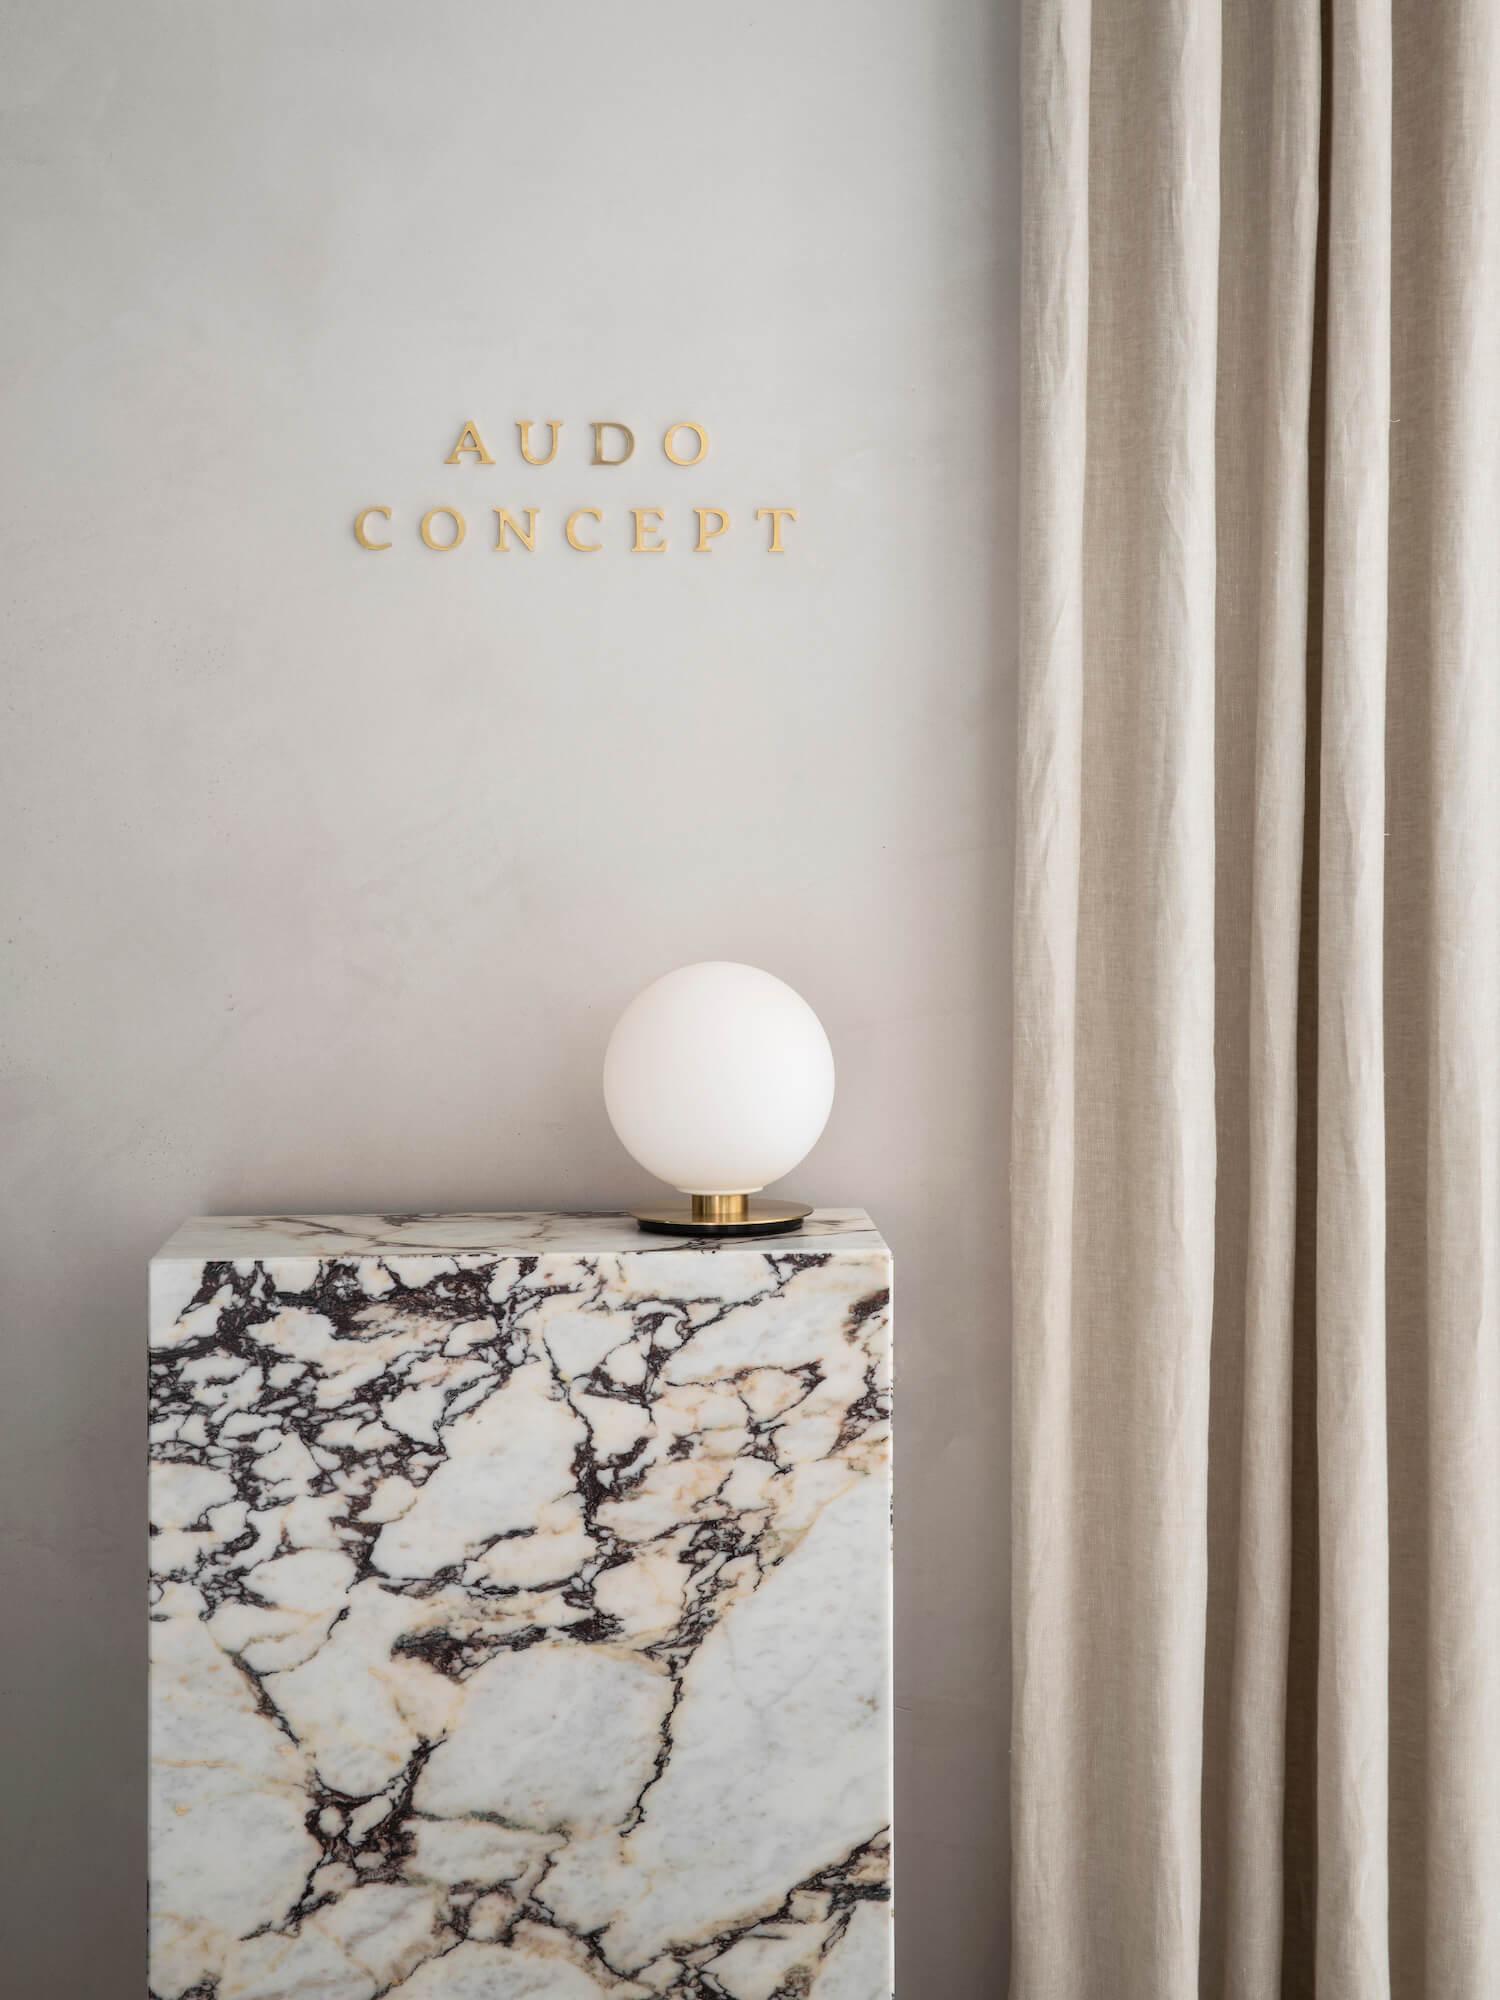 est living the audo concept norm architects menu 12